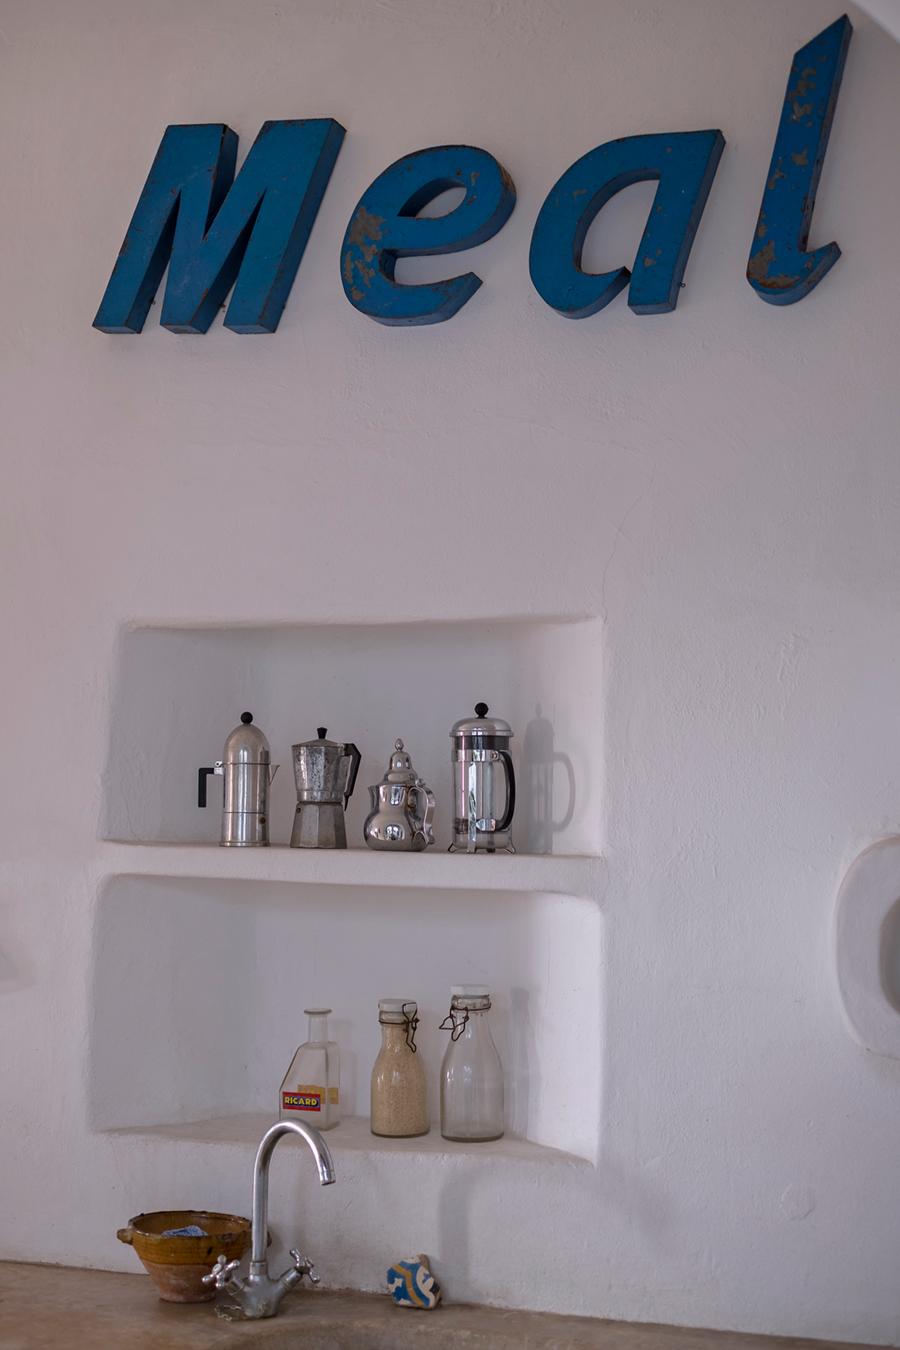 dar-beida-kitchen-sign.jpg